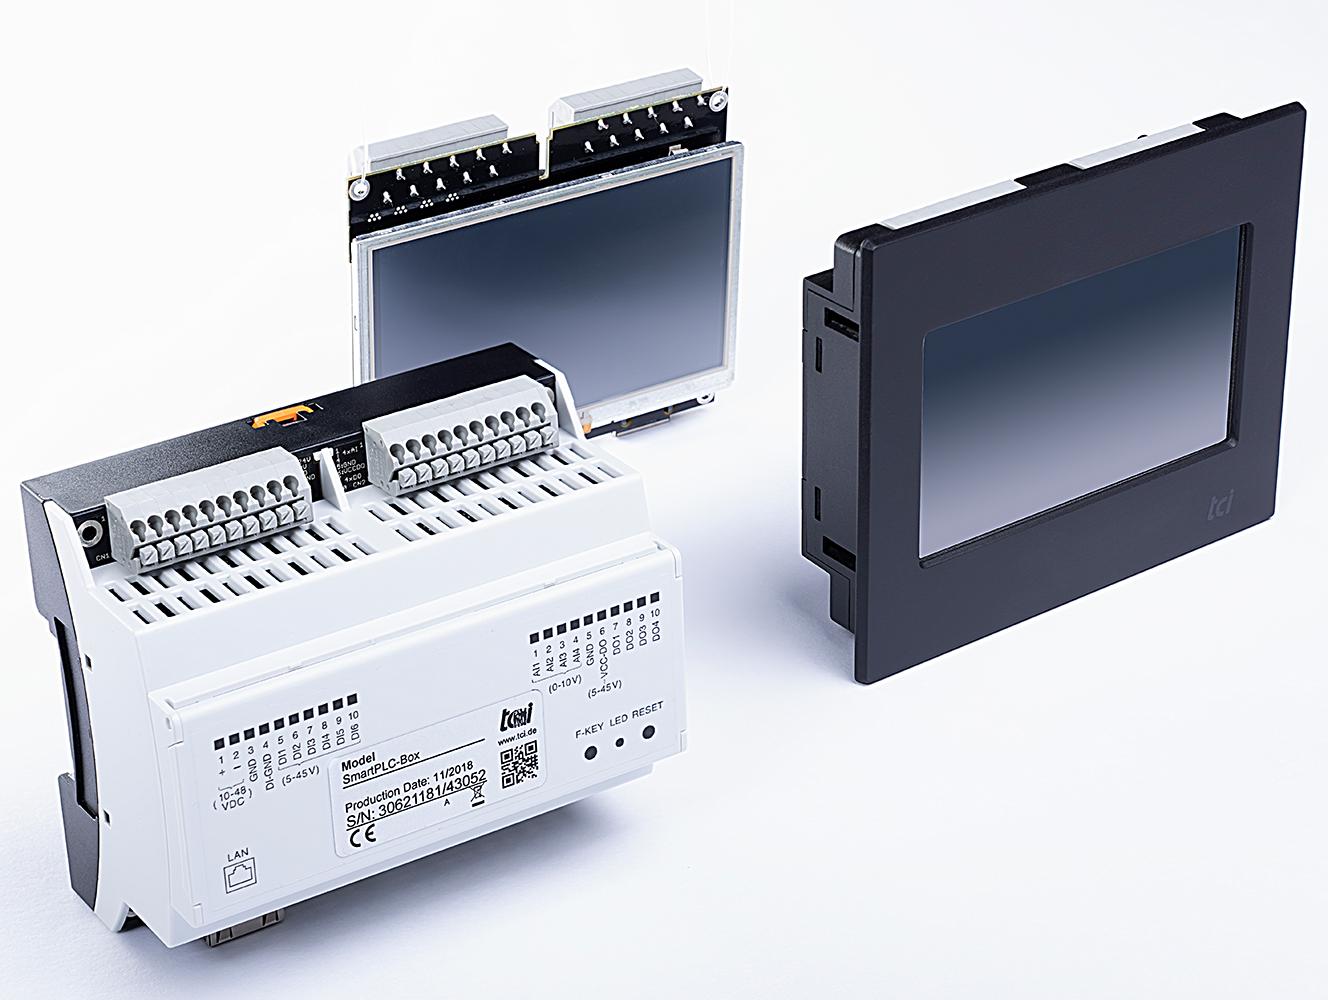 Industrie 4.0: In drei Bauformen ist die neue SmartPLC einsetzbar. Bild: tci GmbH